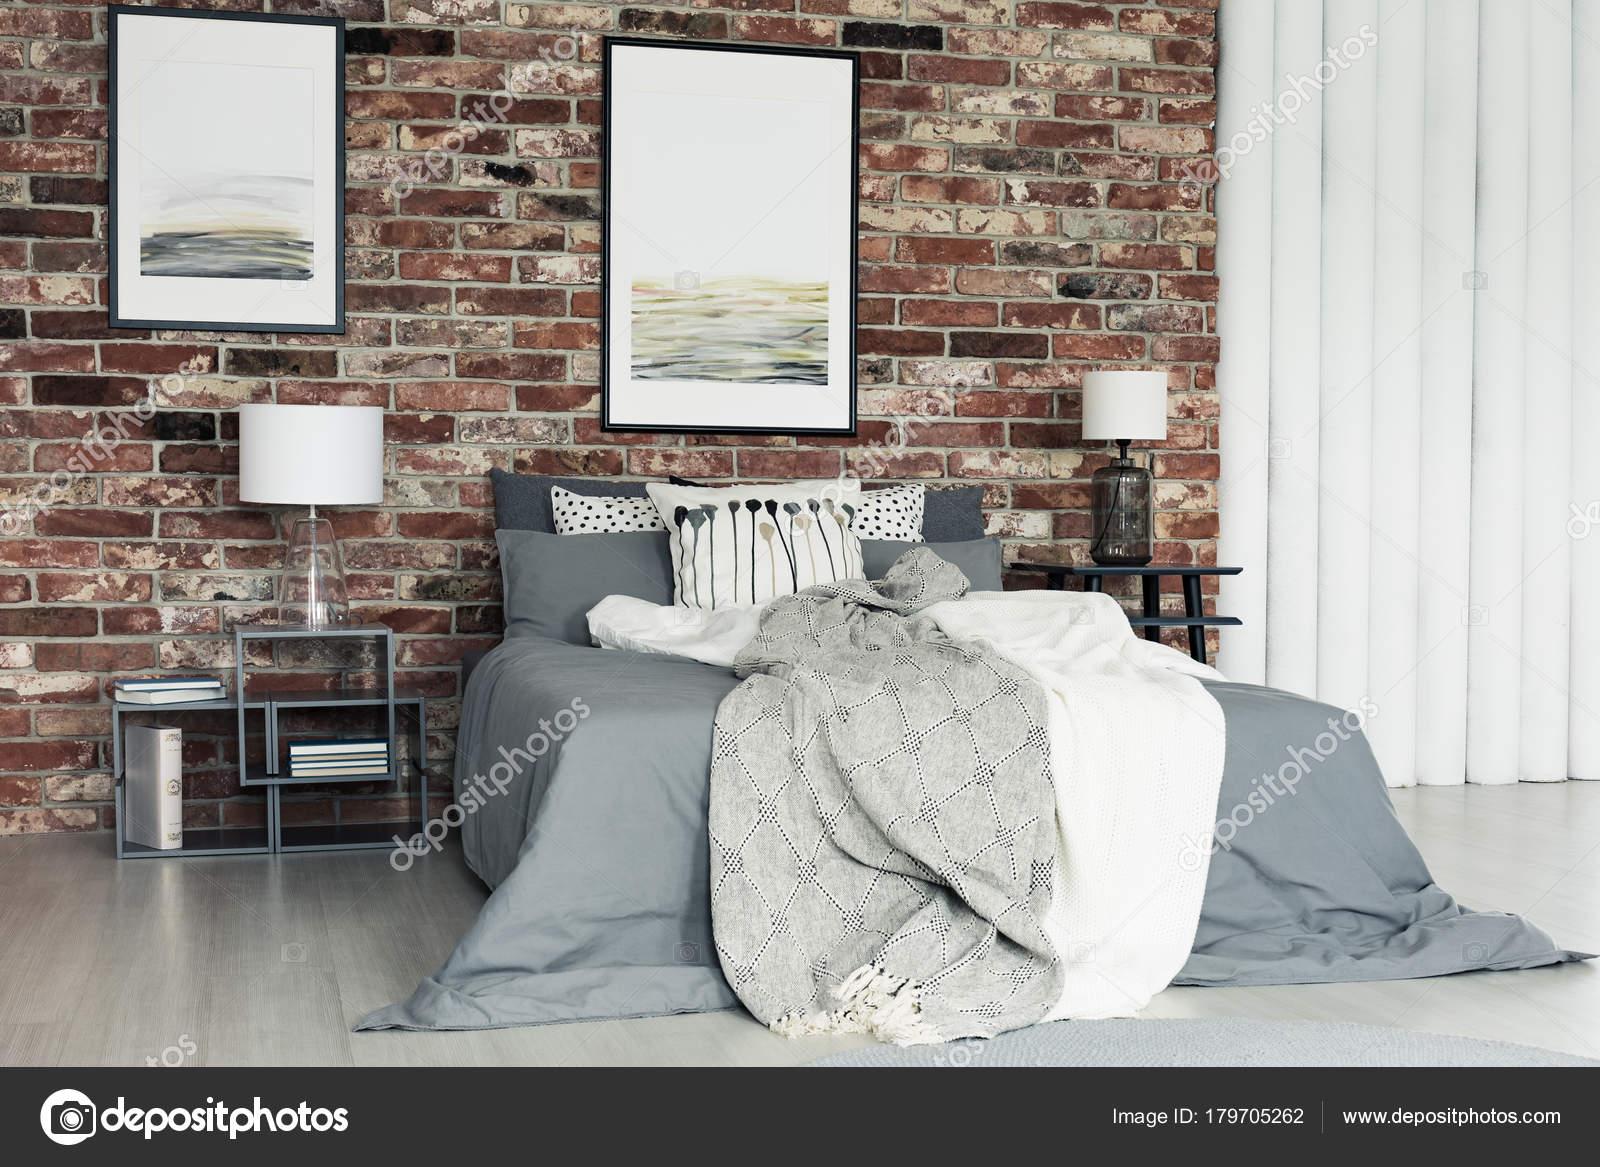 grijze bedlinnen op kingsize bed tussen nachtkastjes met lampen tegen een bakstenen muur met schilderijen in slaapkamer foto van photographeeeu